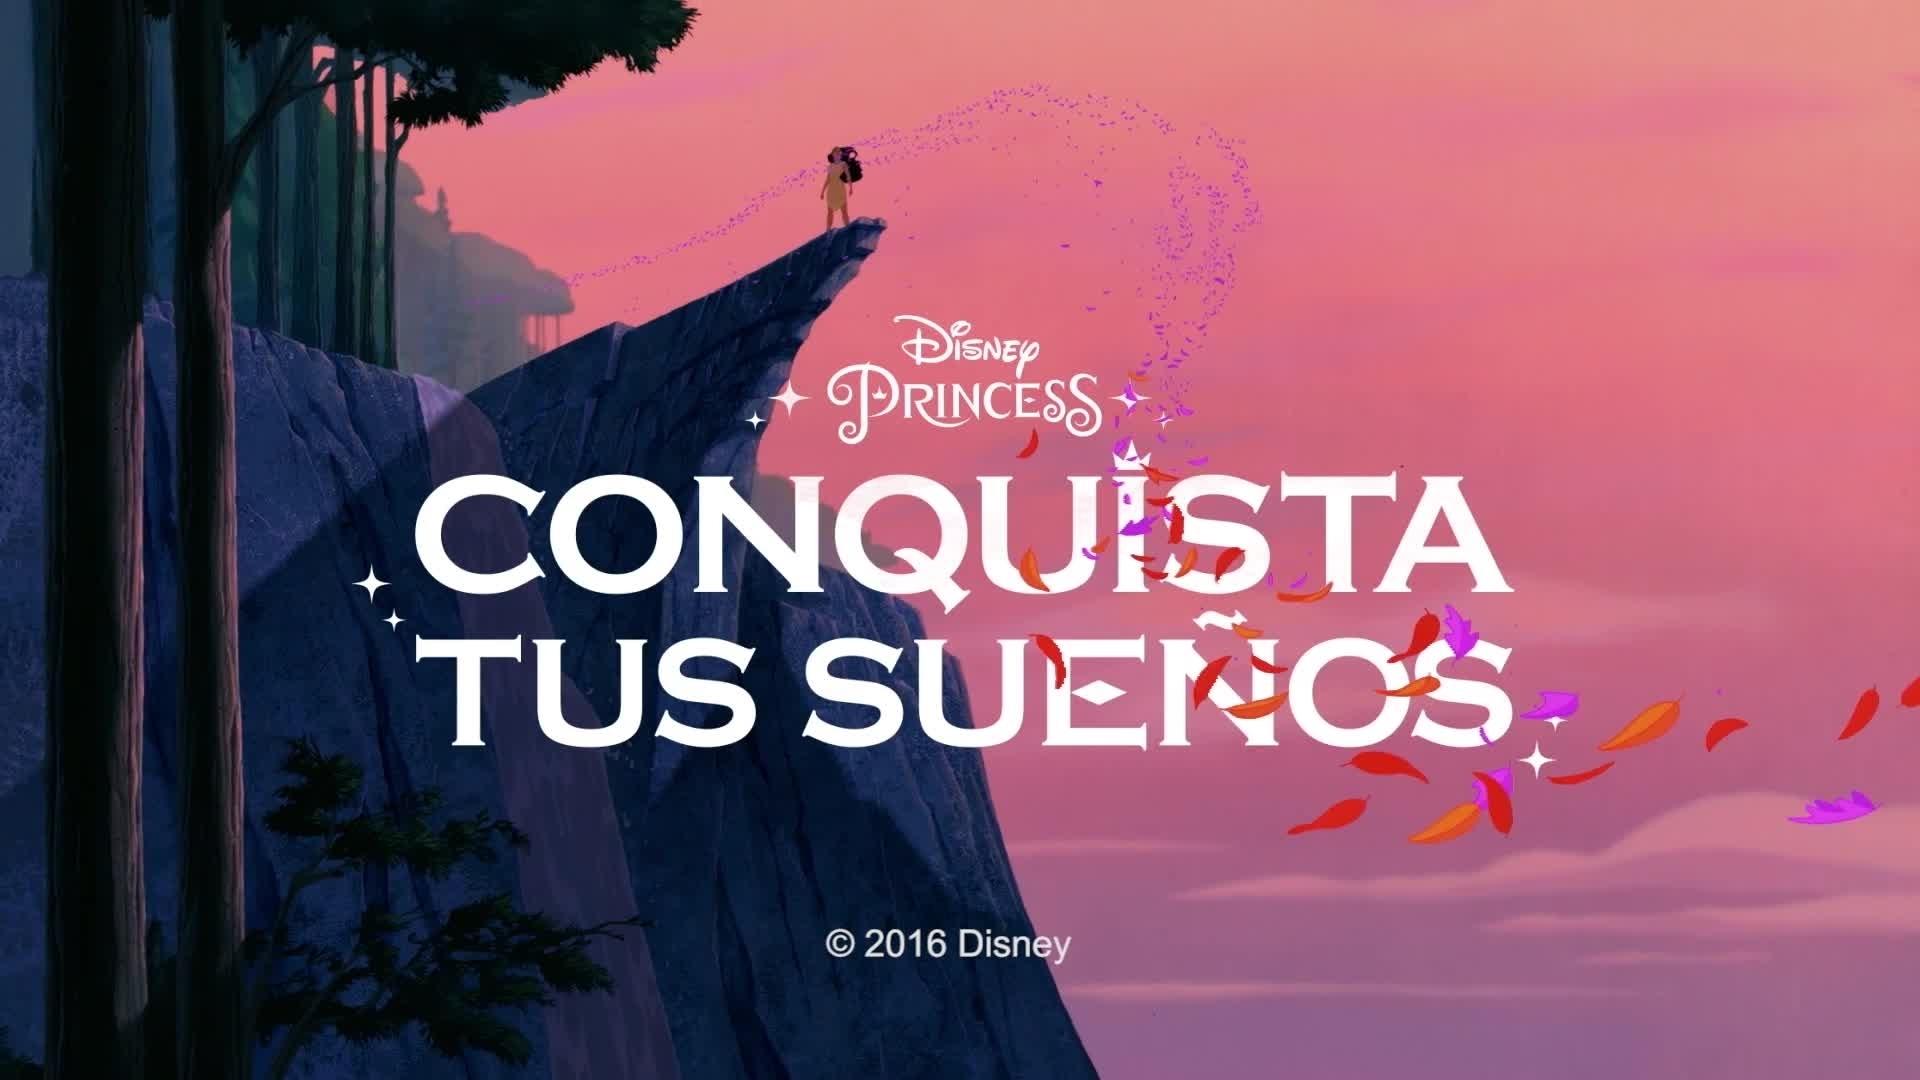 Conquista tus sueños - Be a Champion